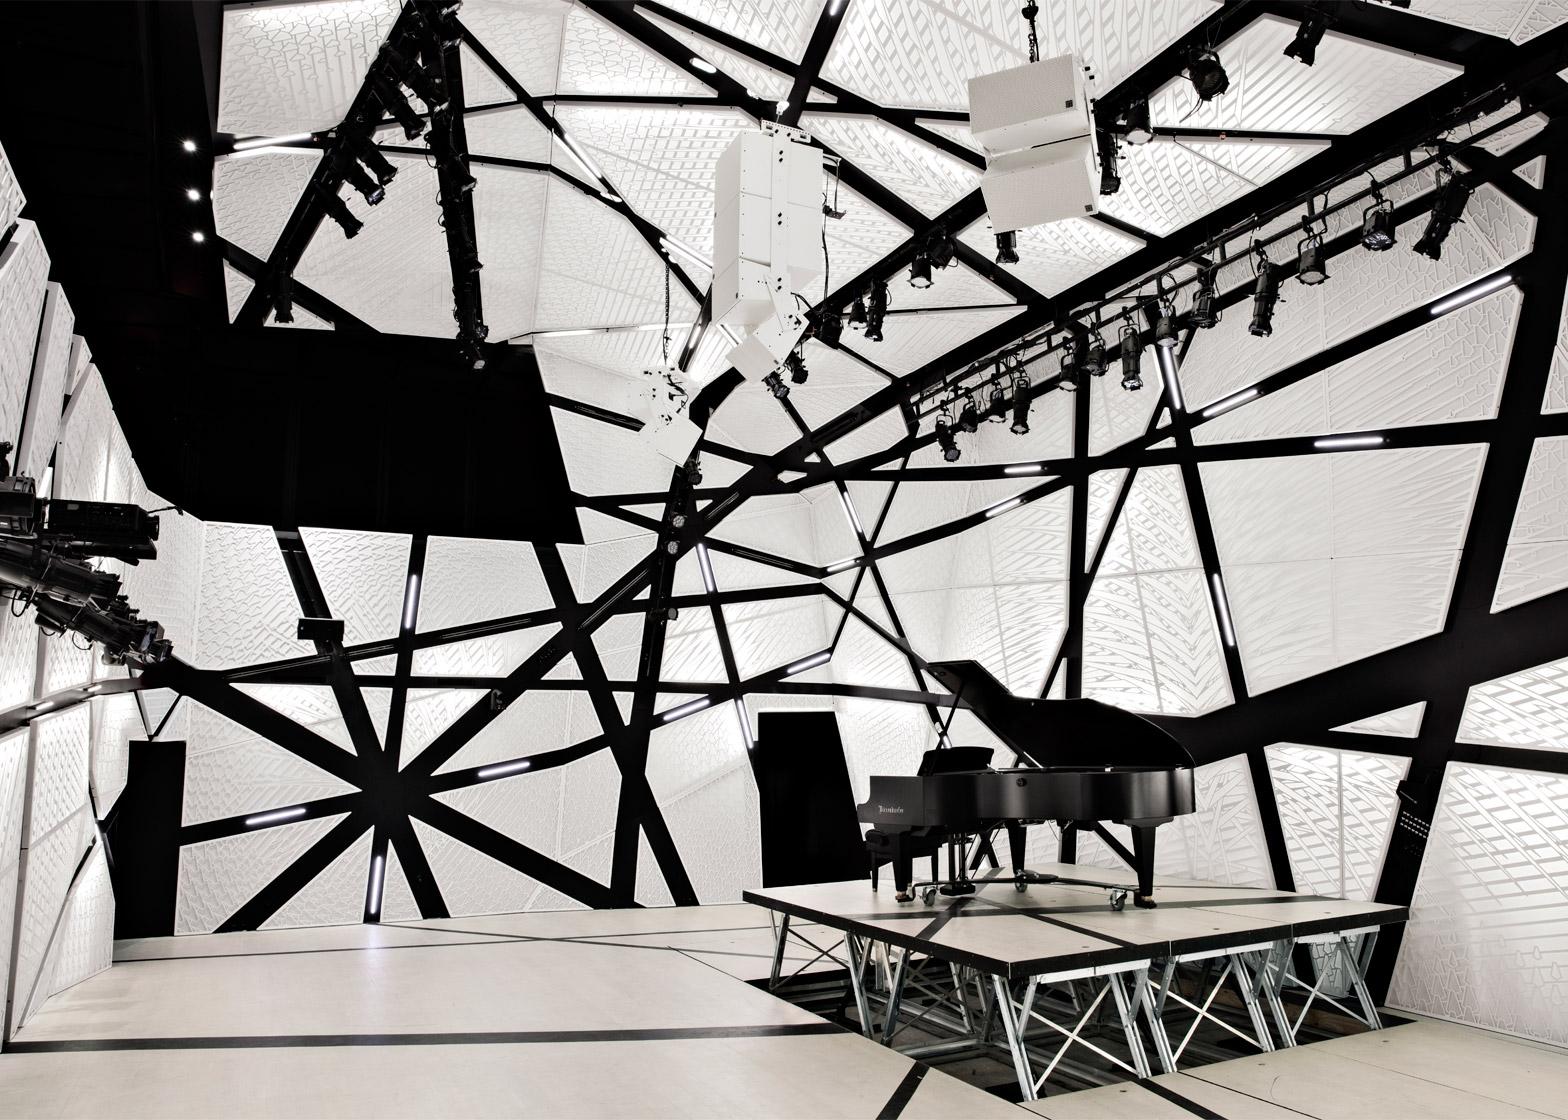 National Sawdust music hall by Bureau V in Brooklyn